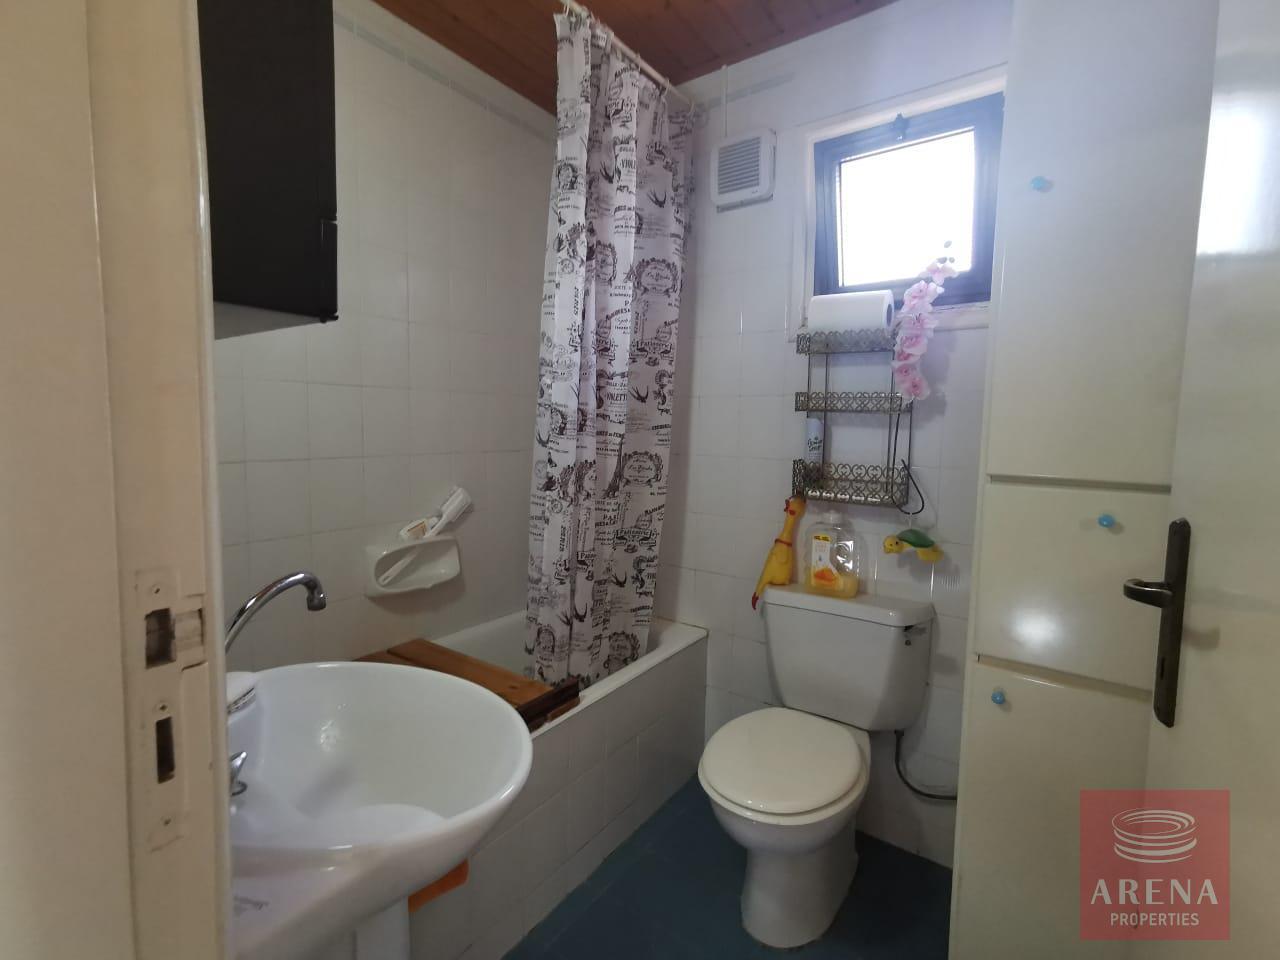 Townhouse in Meneou - bathroom